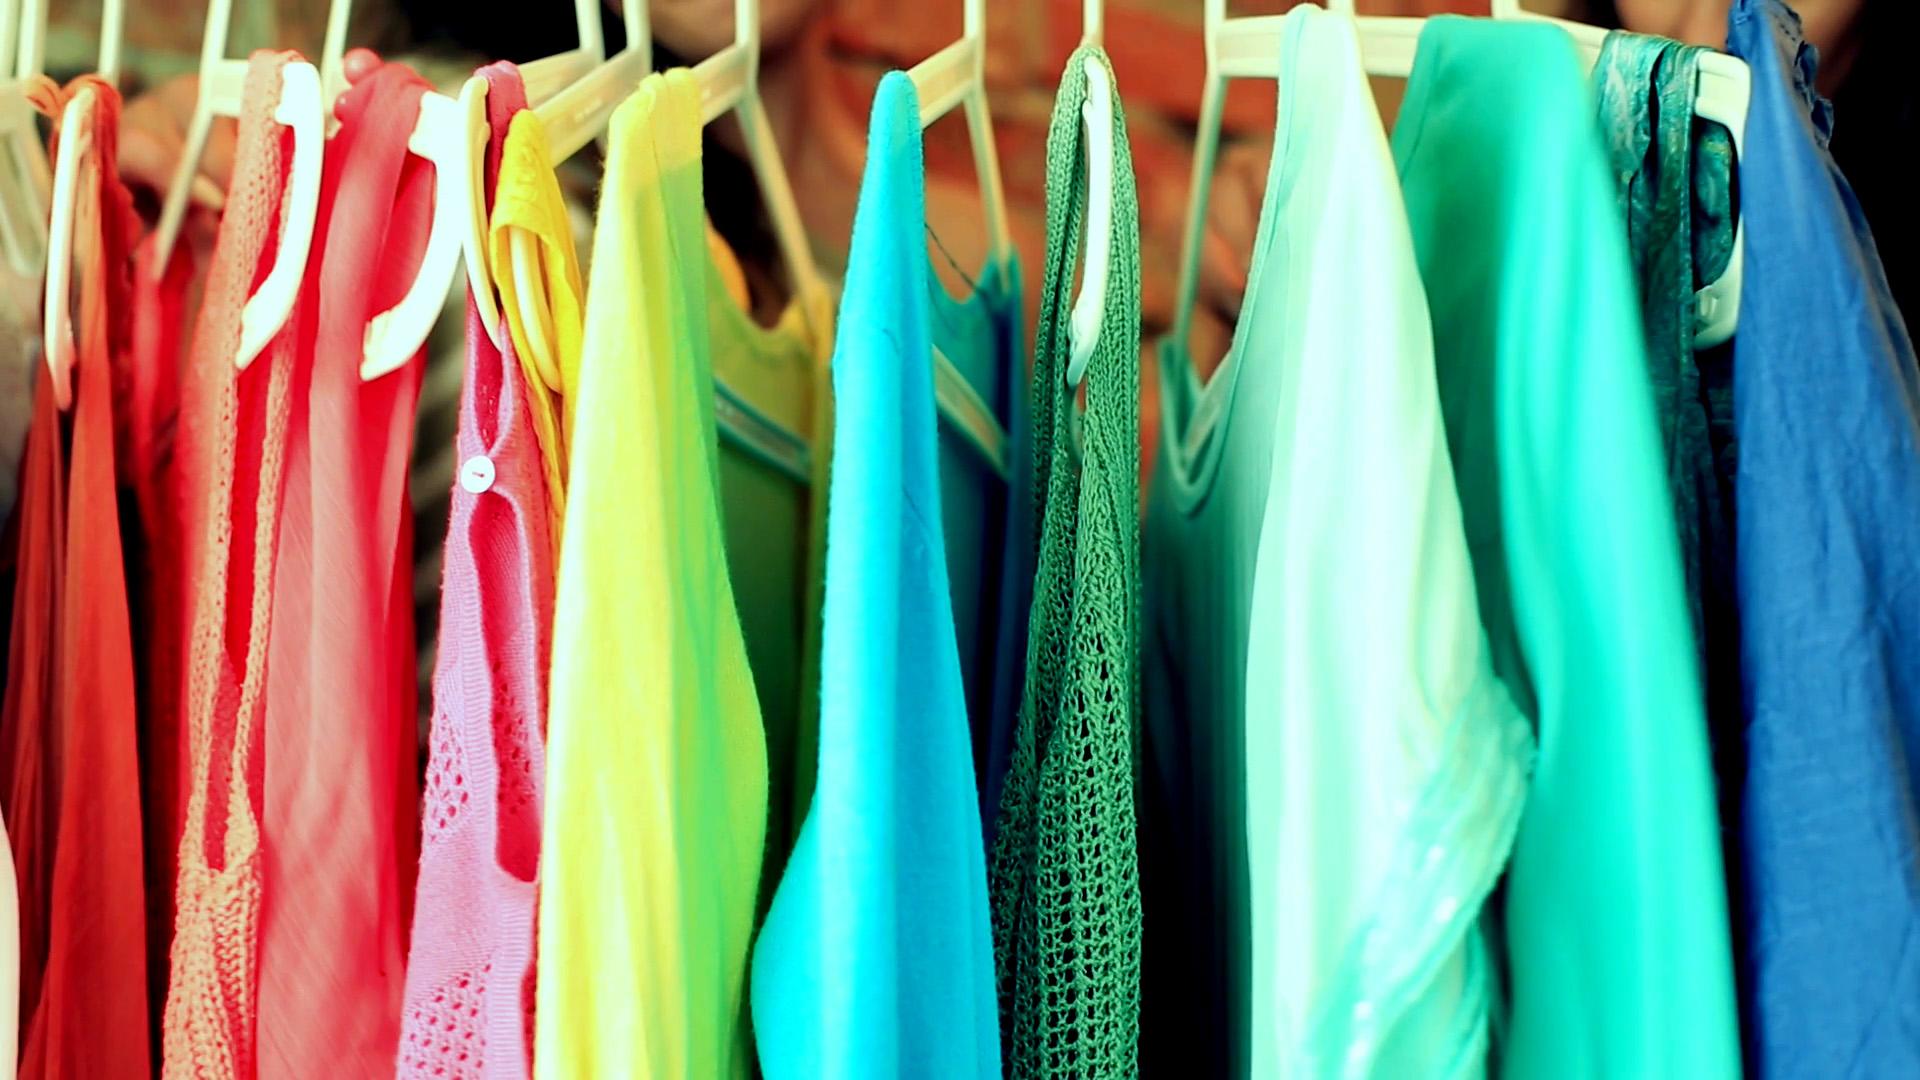 POD – Hur påverkar våra kläder miljön och klimatet? – Ingun Grimstad Klepp